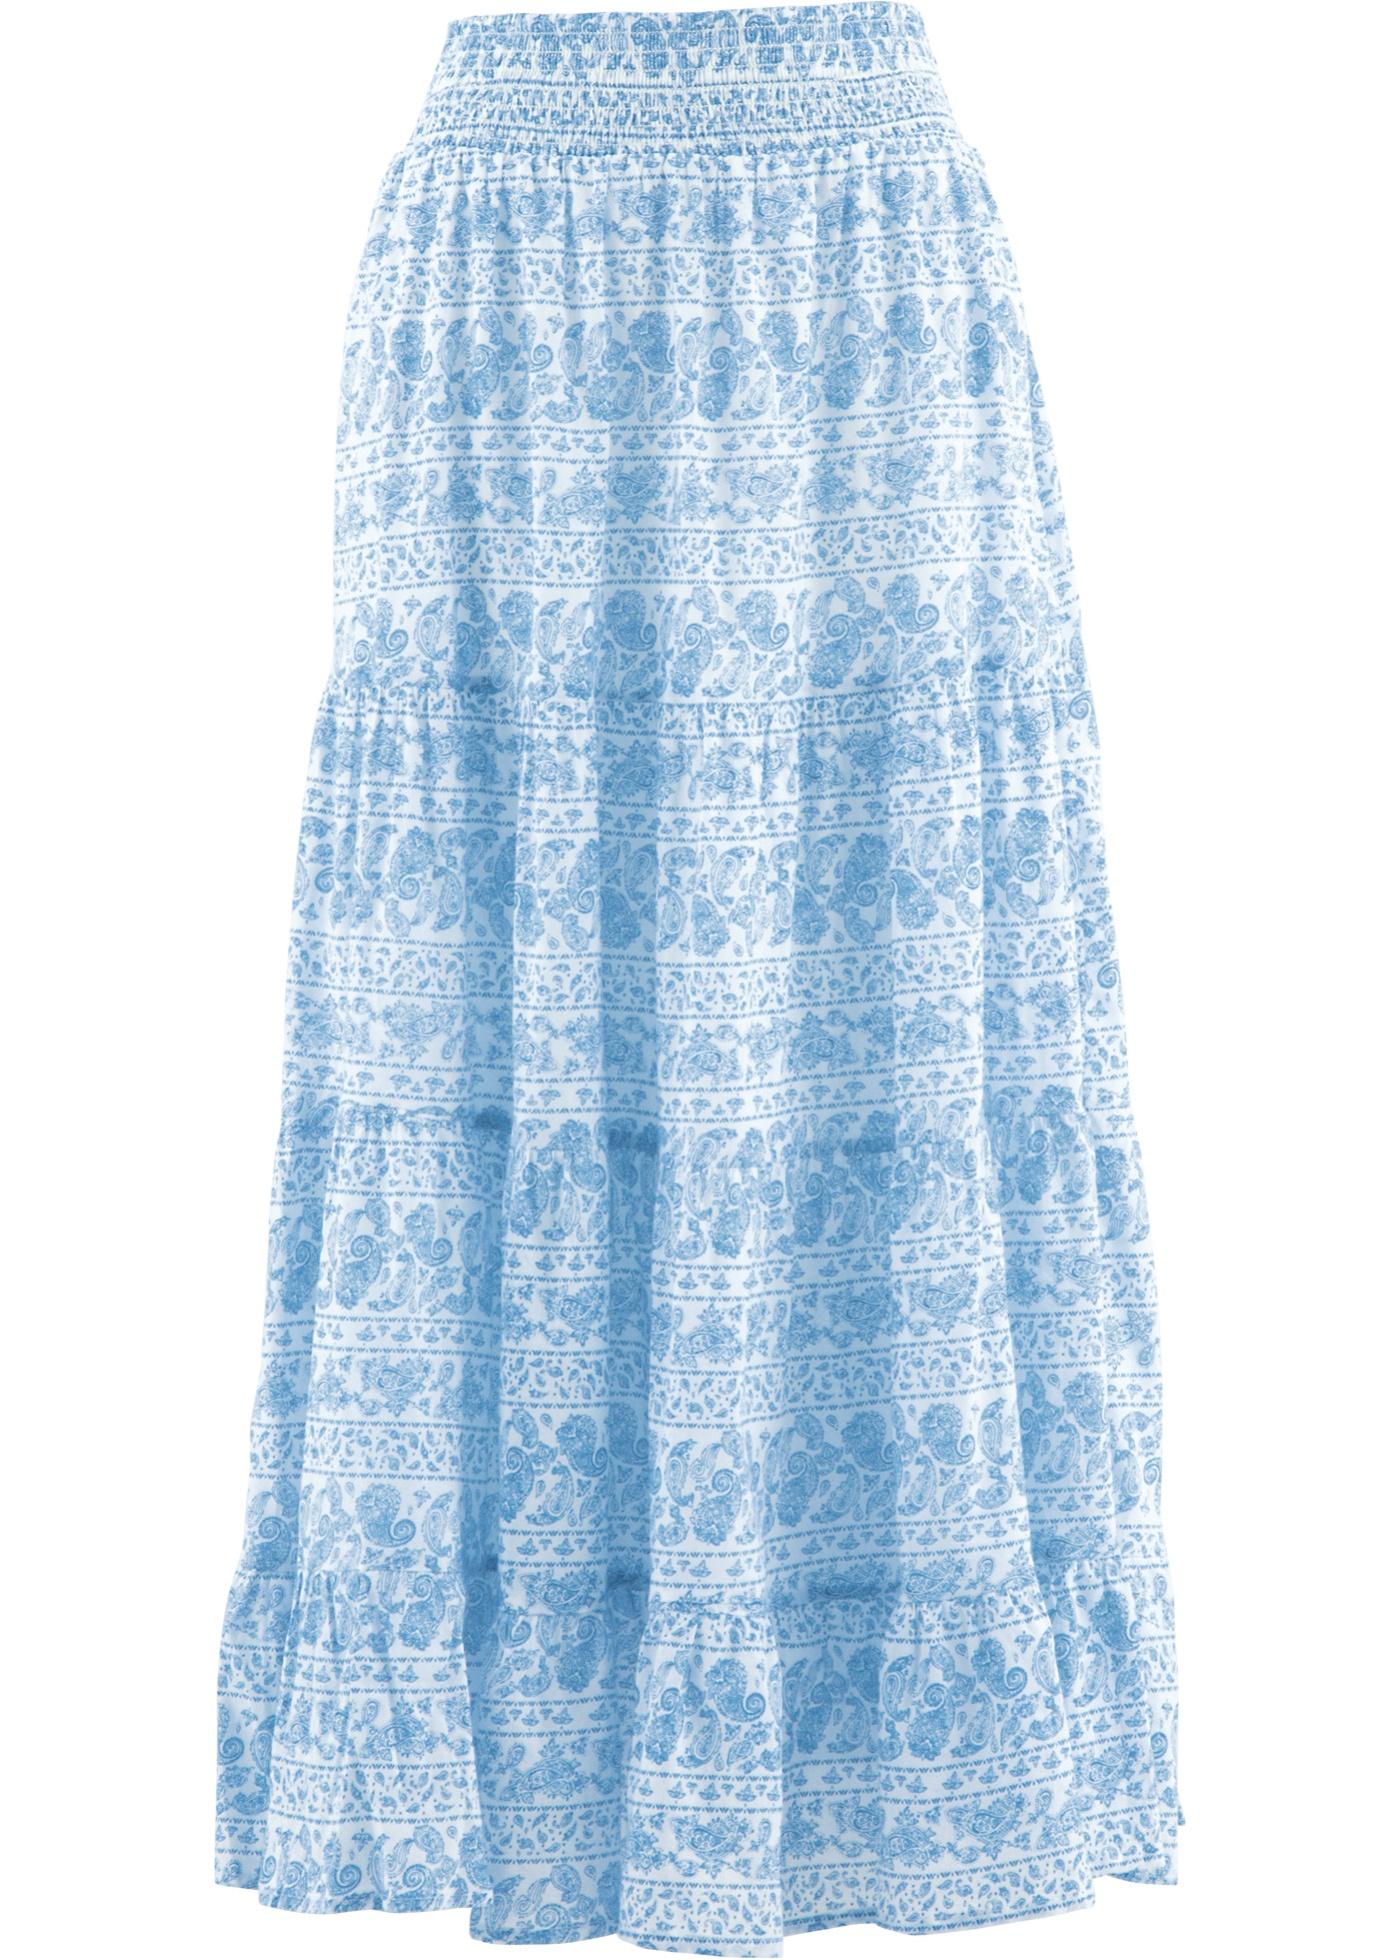 Dlouhá sukně, designed by Maite Kelly - Bílá